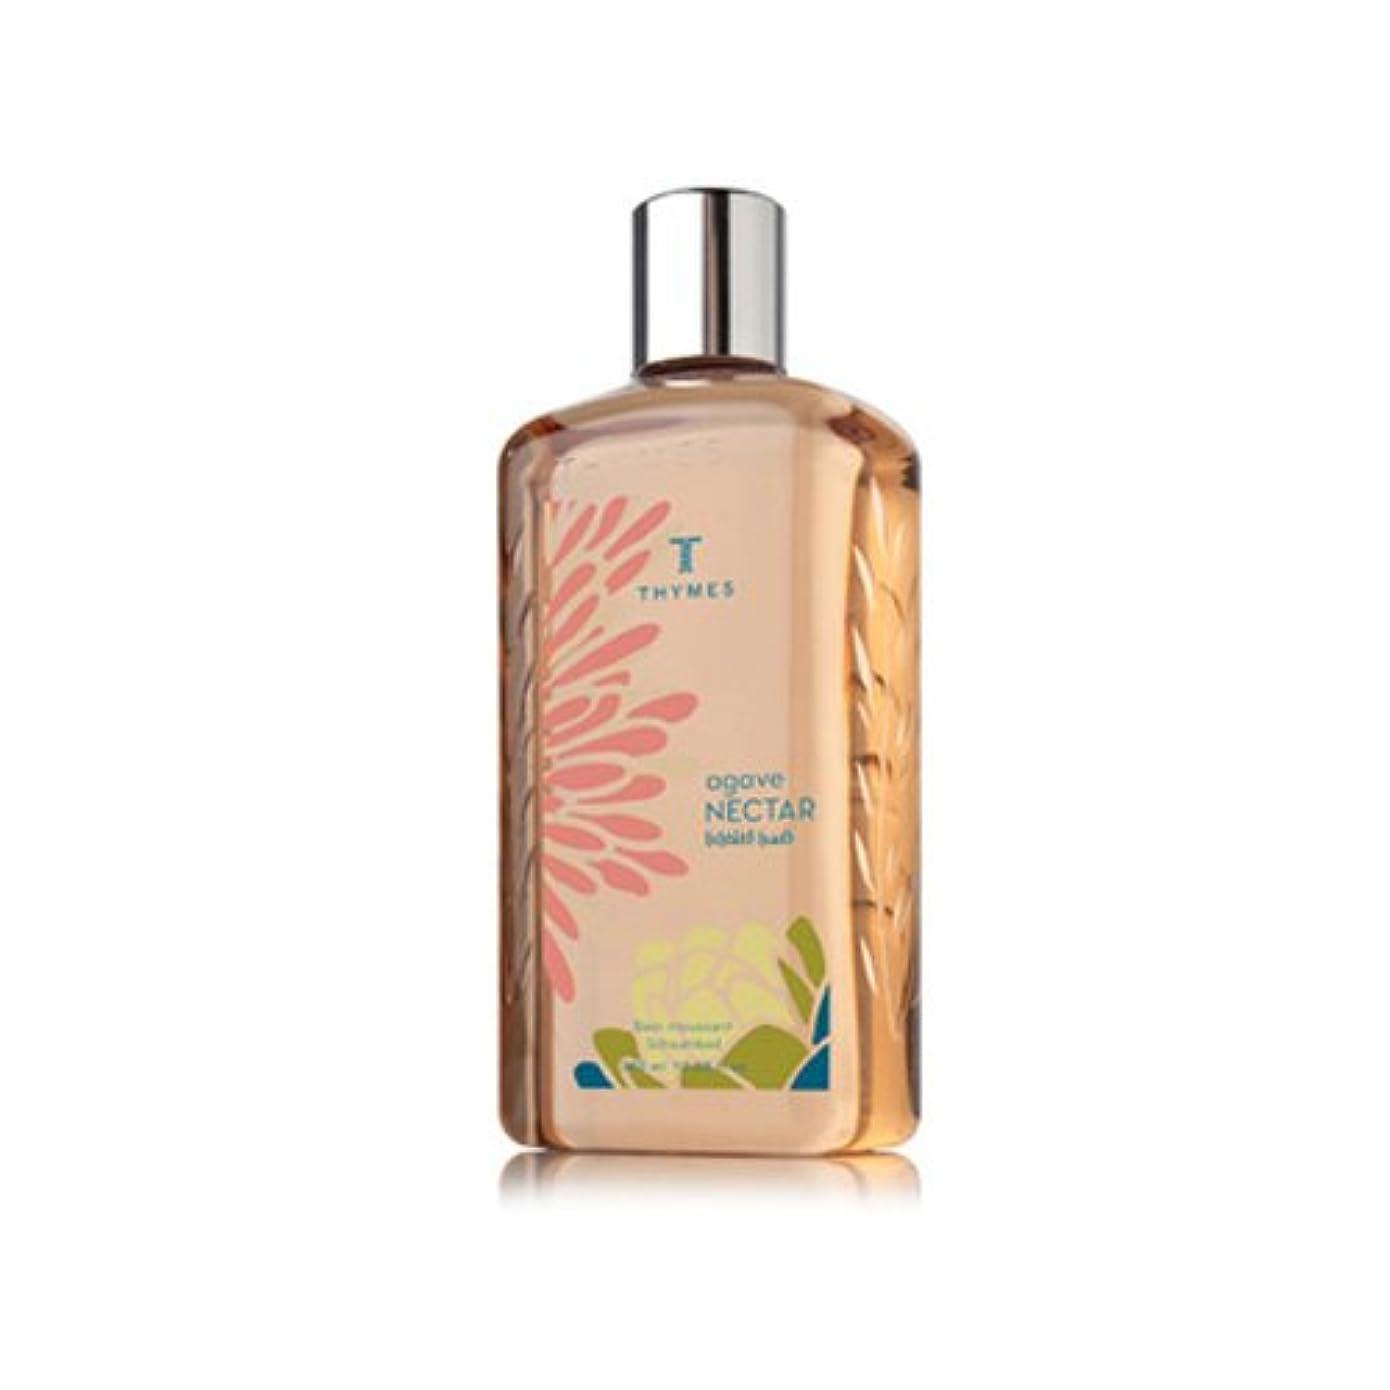 子供っぽい掃除ゆでるTHYMES タイムズ バブルバス 360ml アガベネクター Bubble Bath 12.25 fl oz Agave Nectar [並行輸入品]